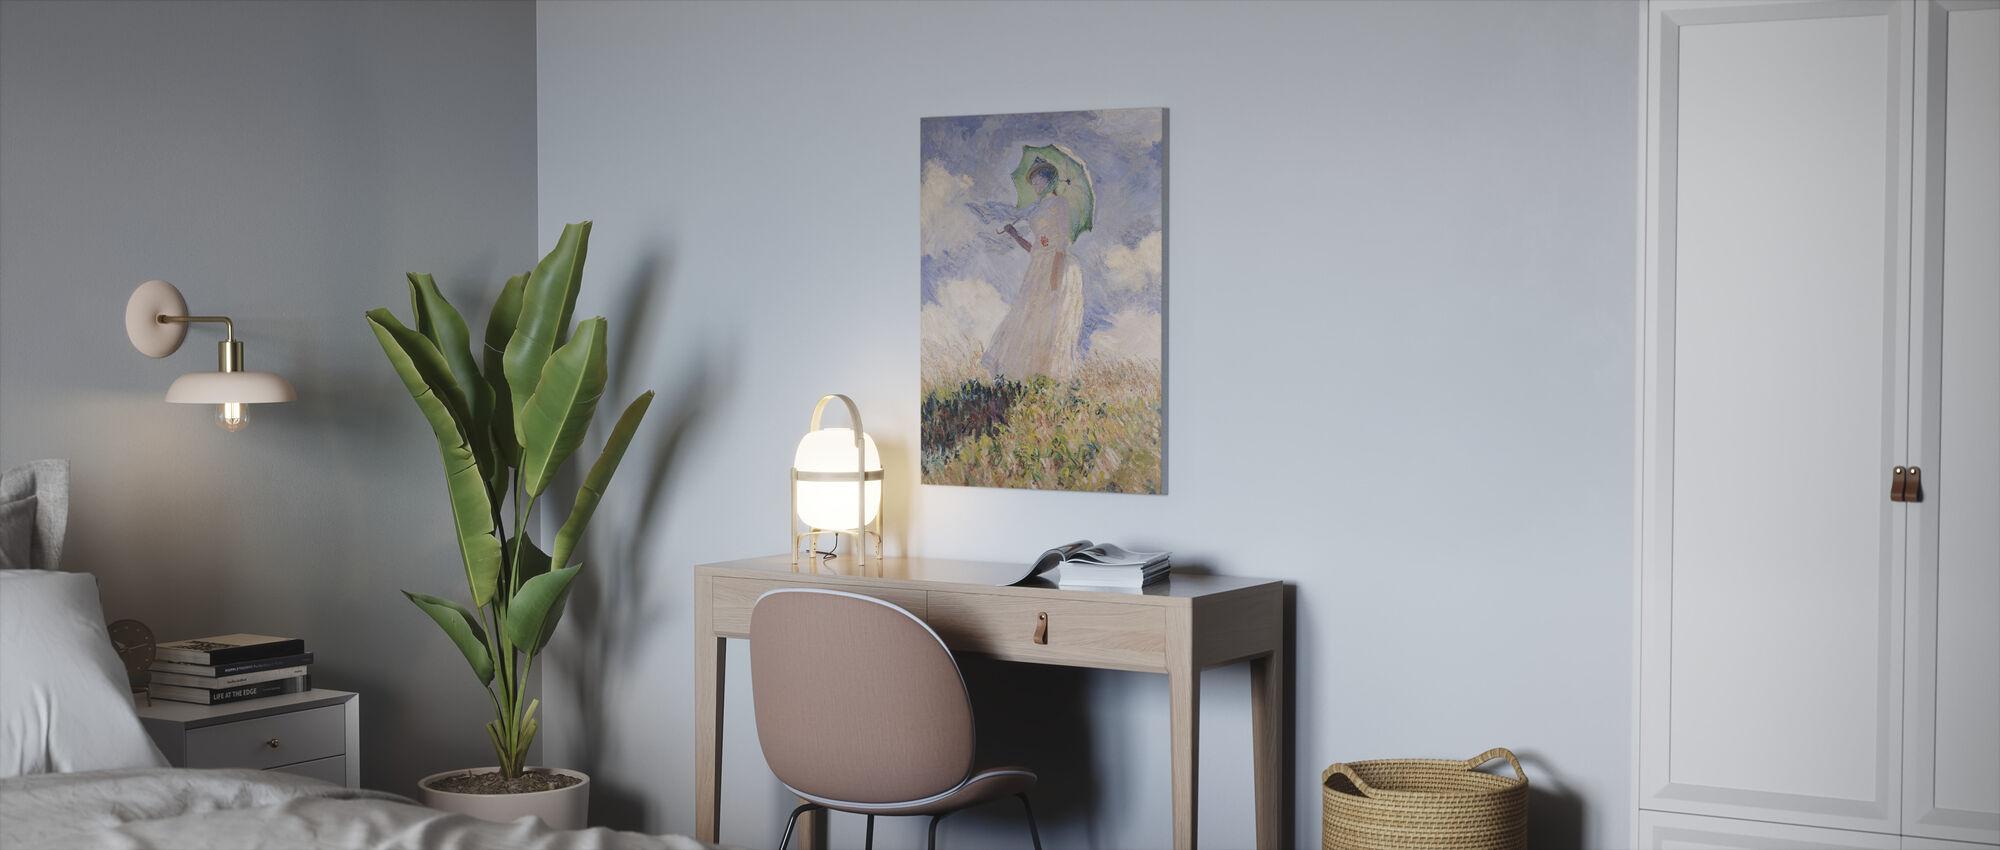 Vrouw met Parasol, Claude Monet - Canvas print - Kantoor